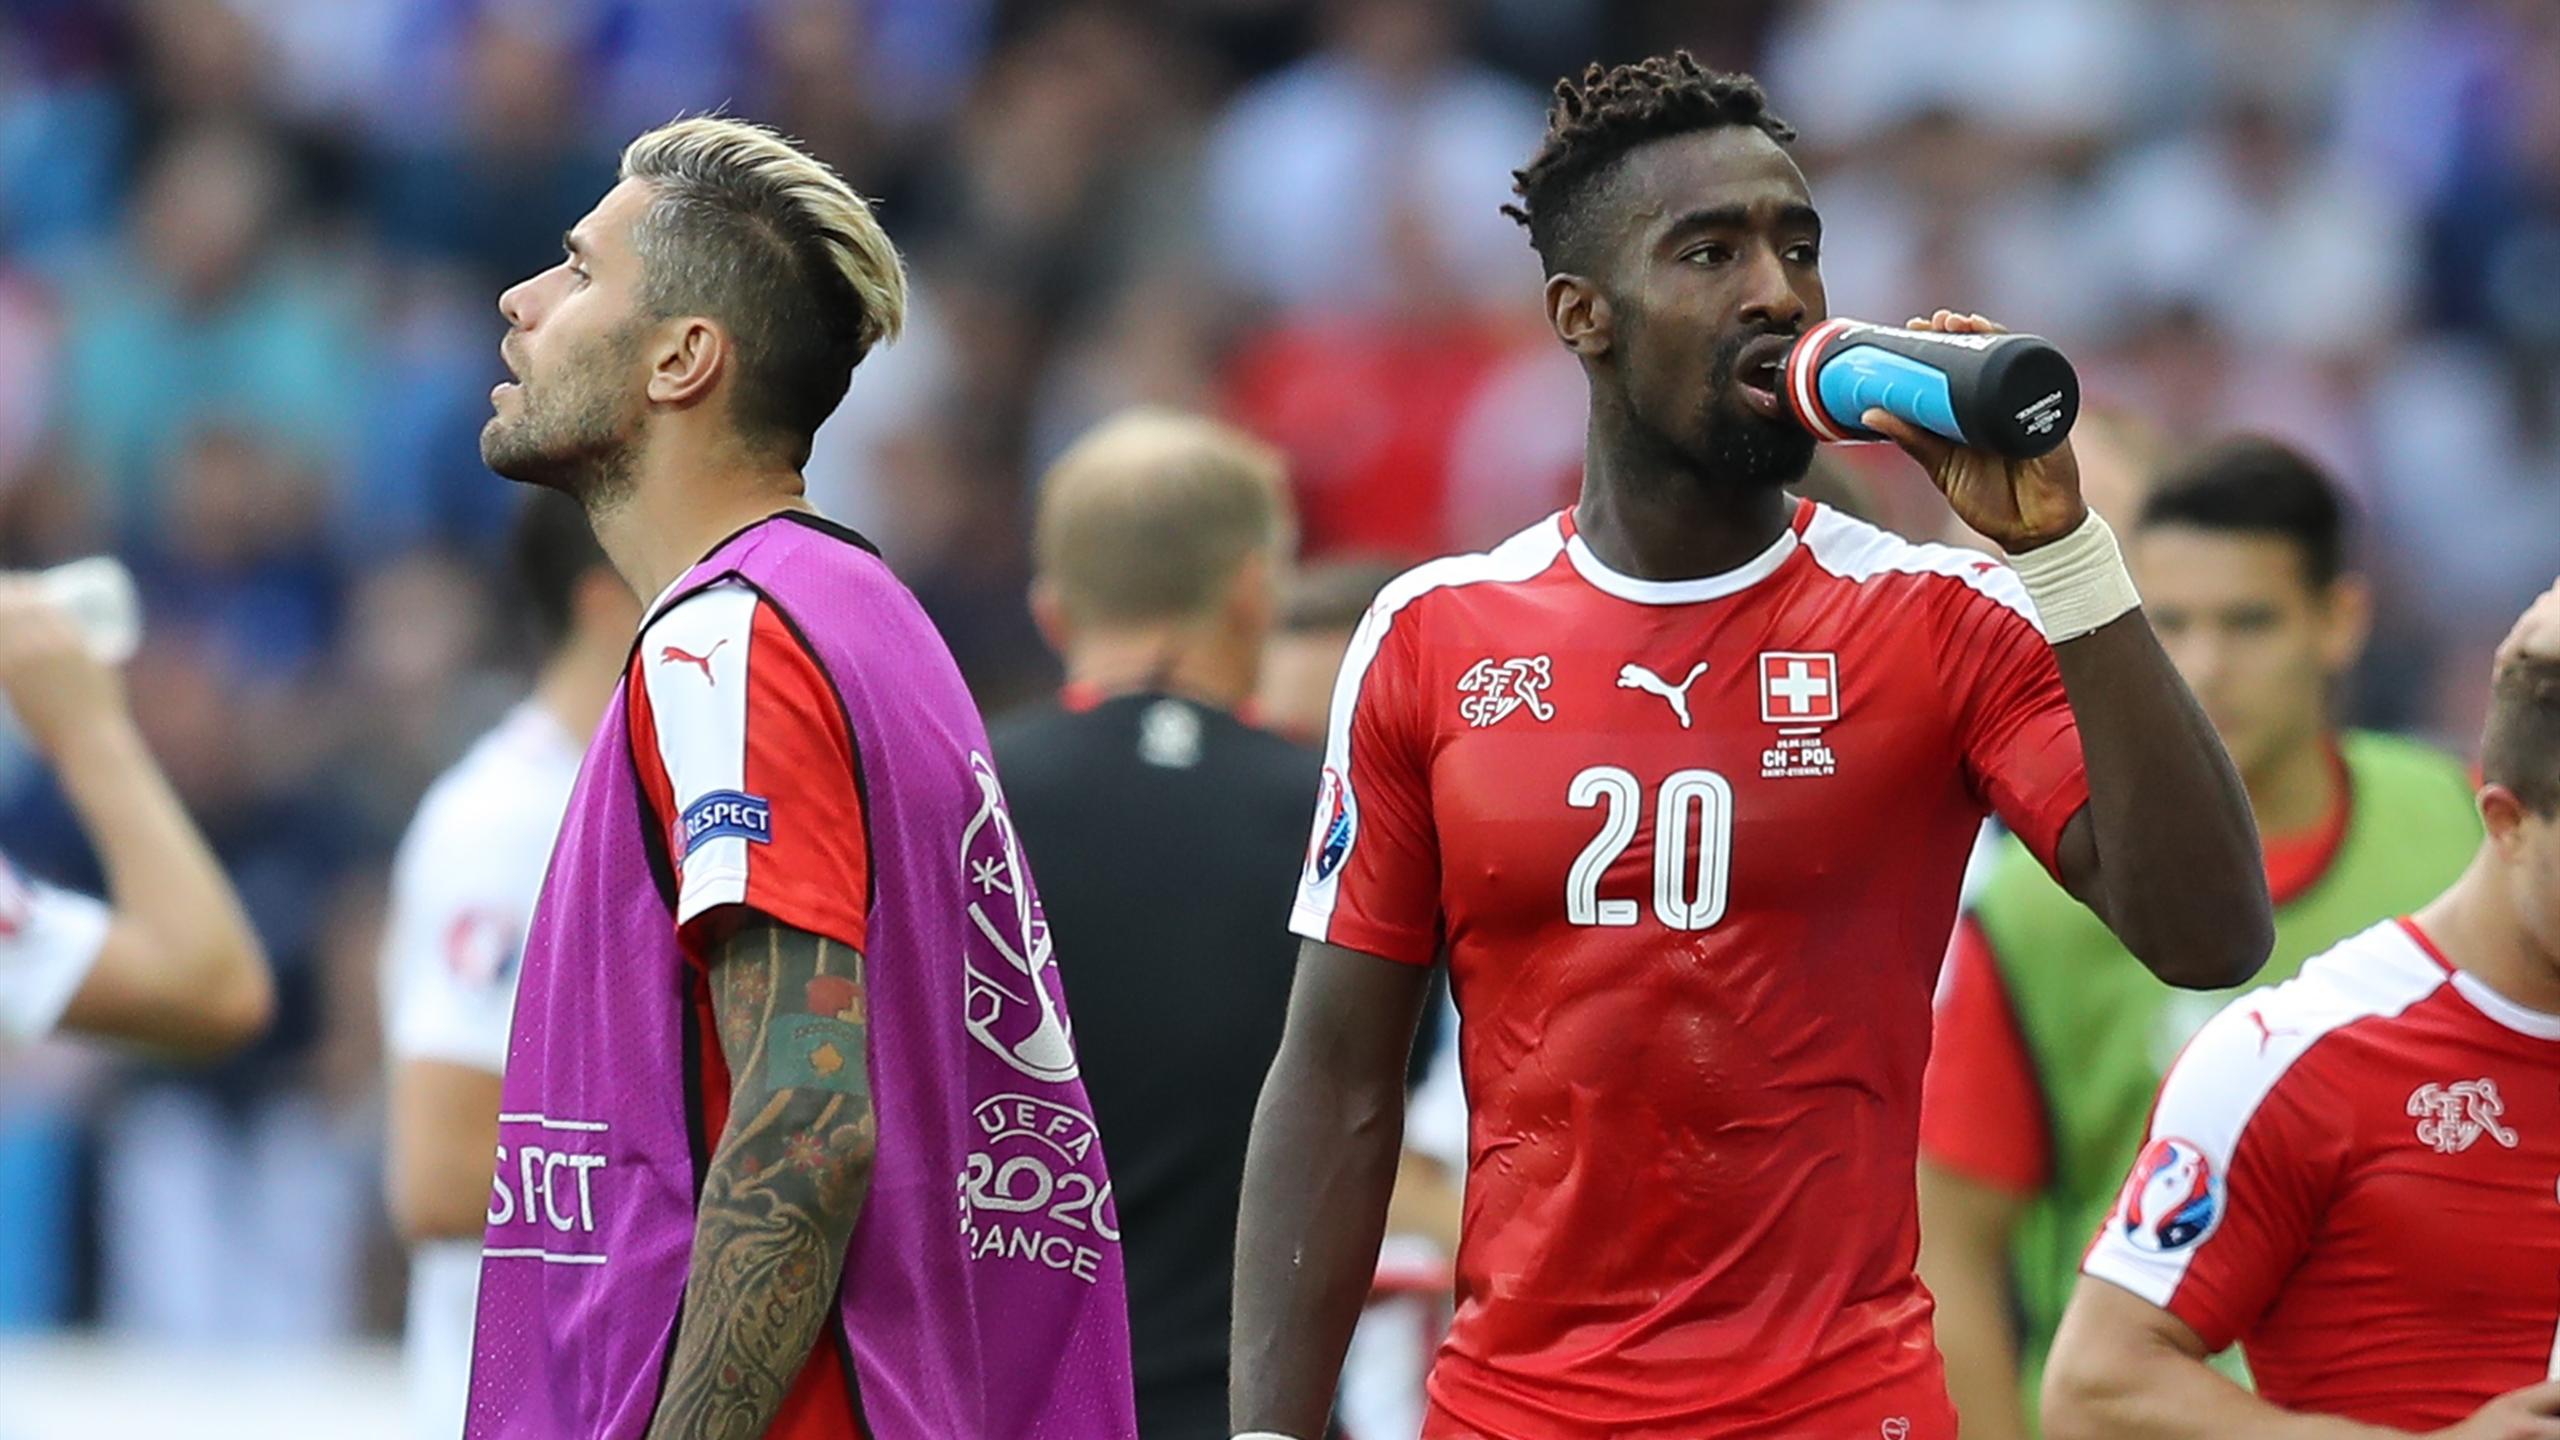 Switzerland's midfielder Valon Behrami and Switzerland's defender Johan Djourou